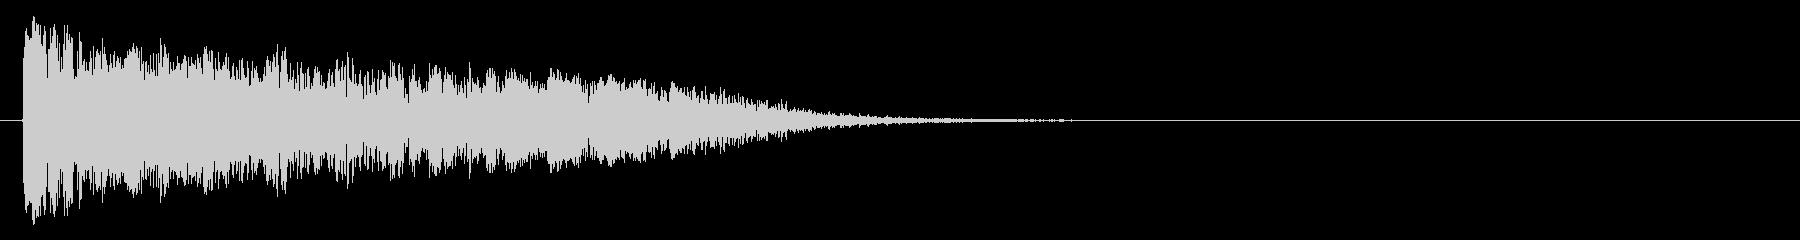 電気ヒット、衝突、コンピューター、...の未再生の波形